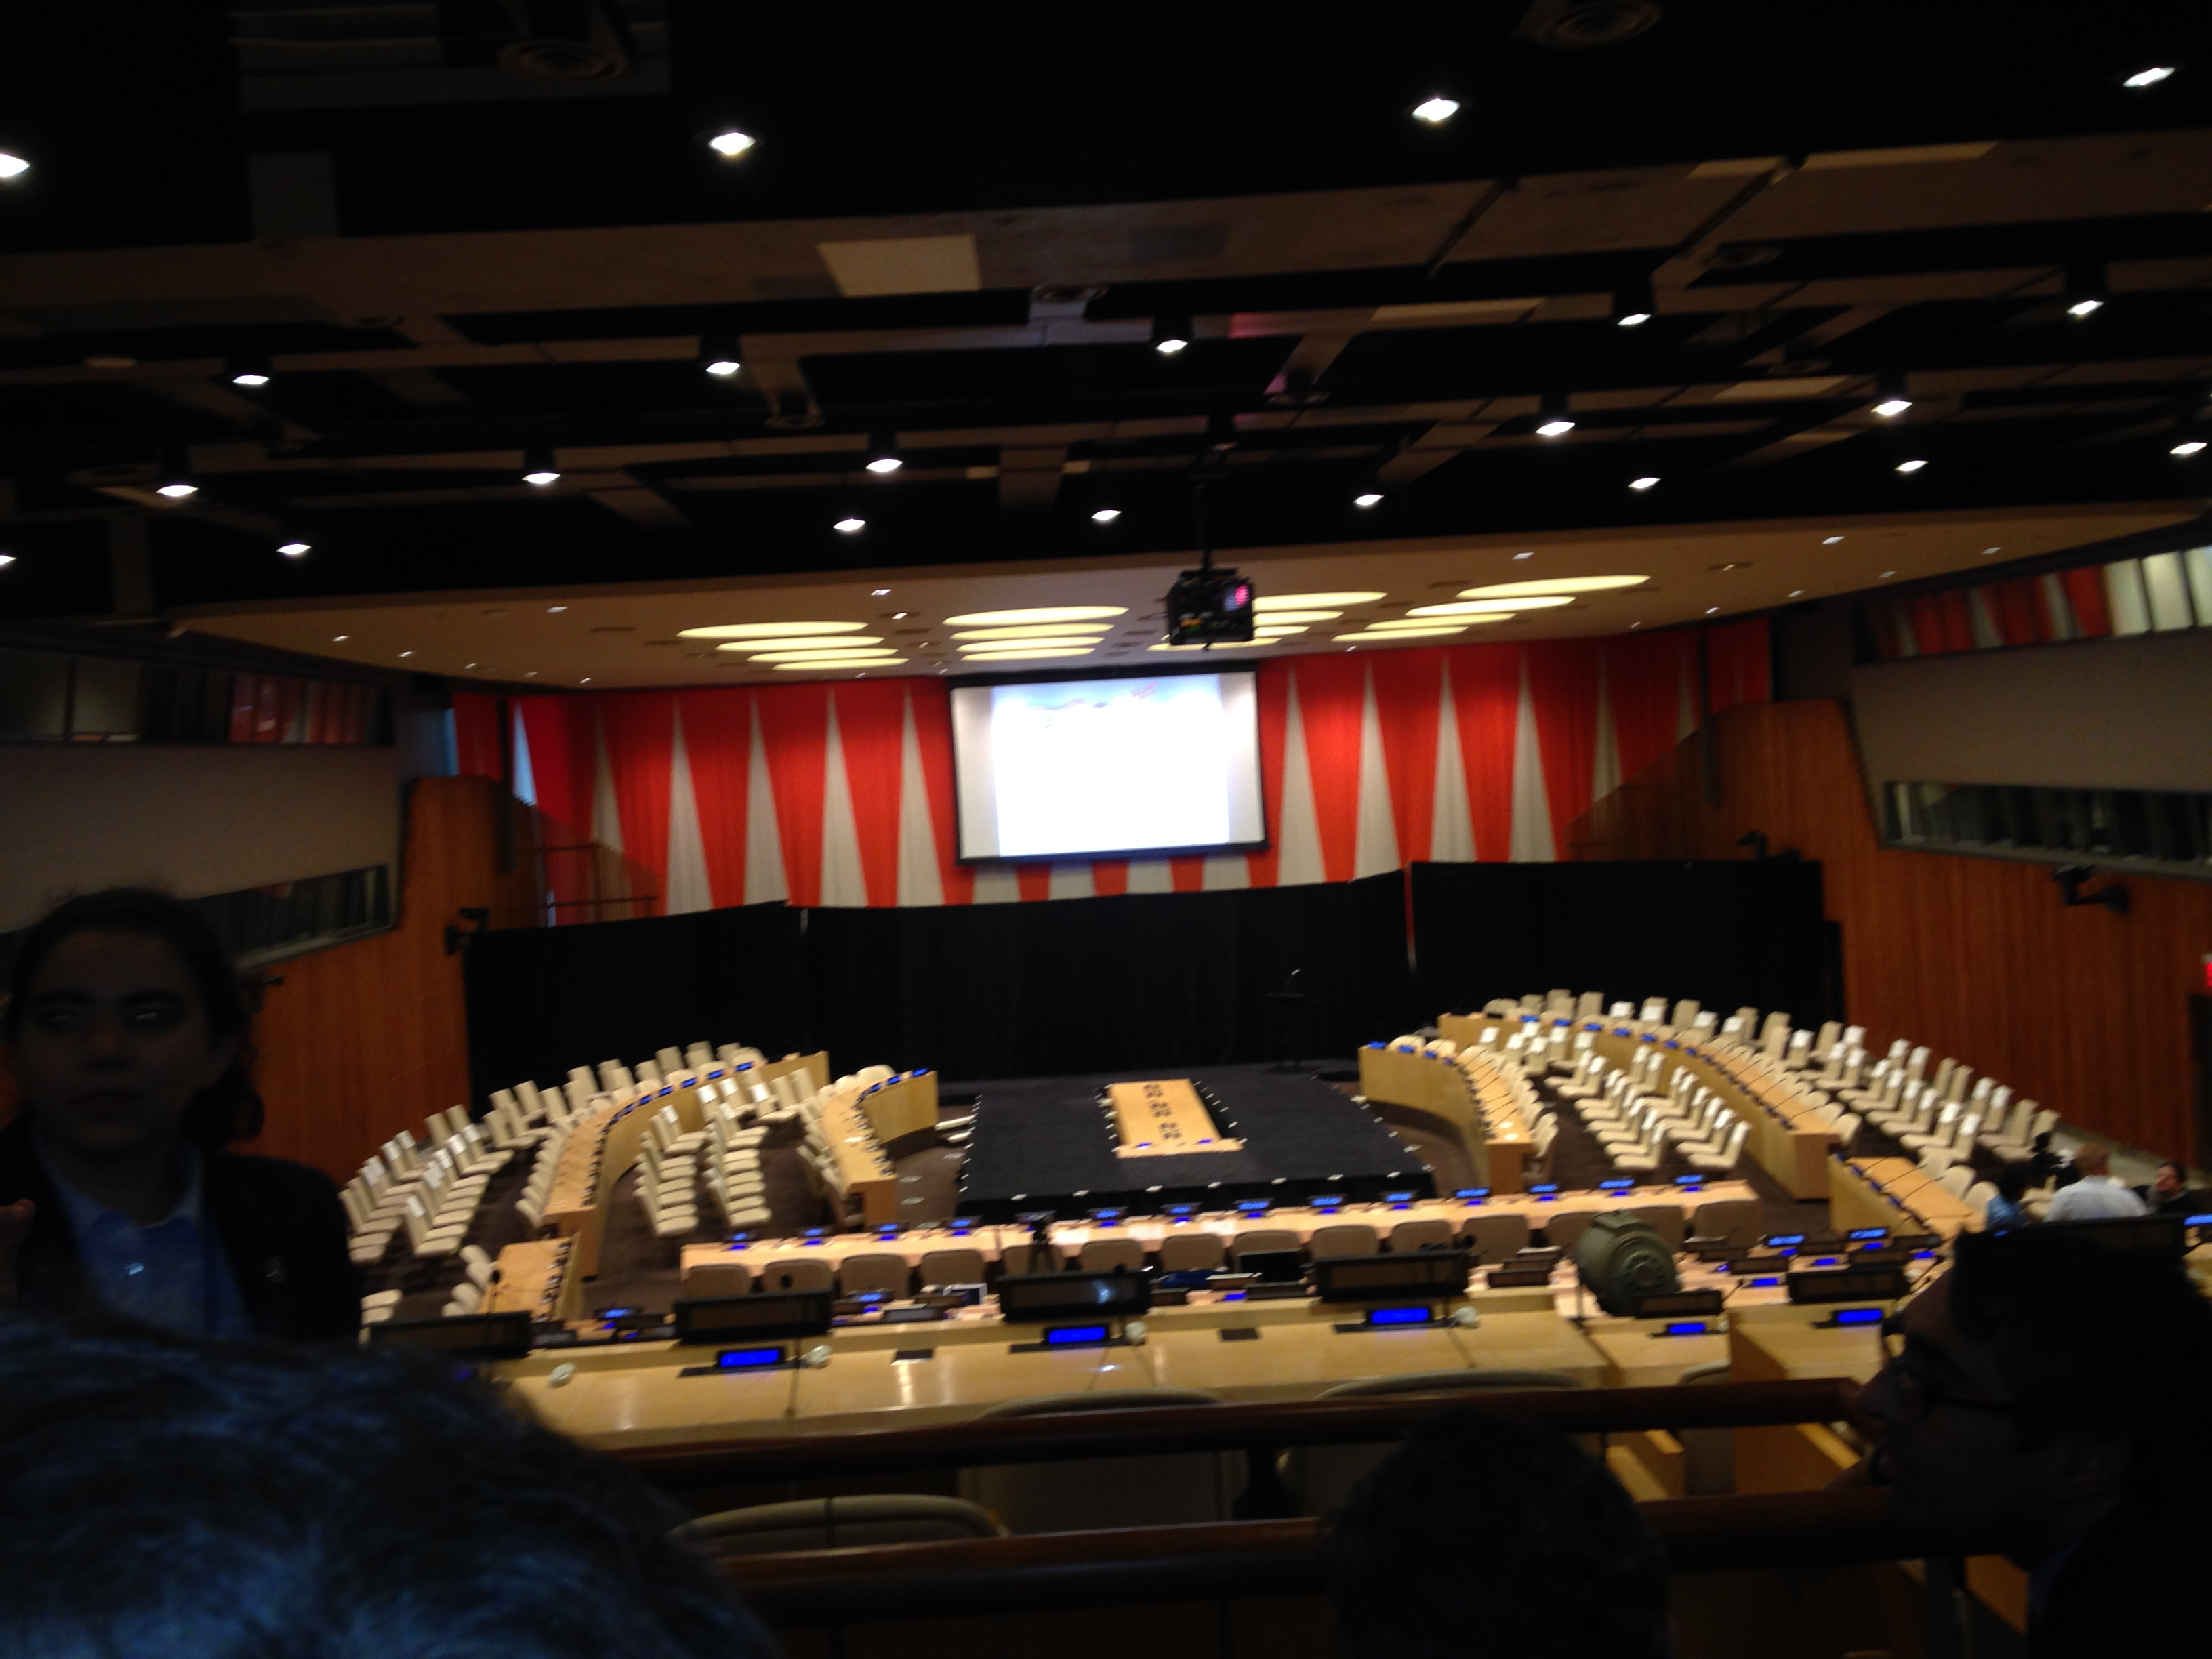 20141110 211816526 ios - Visitando la sede de la ONU en New York